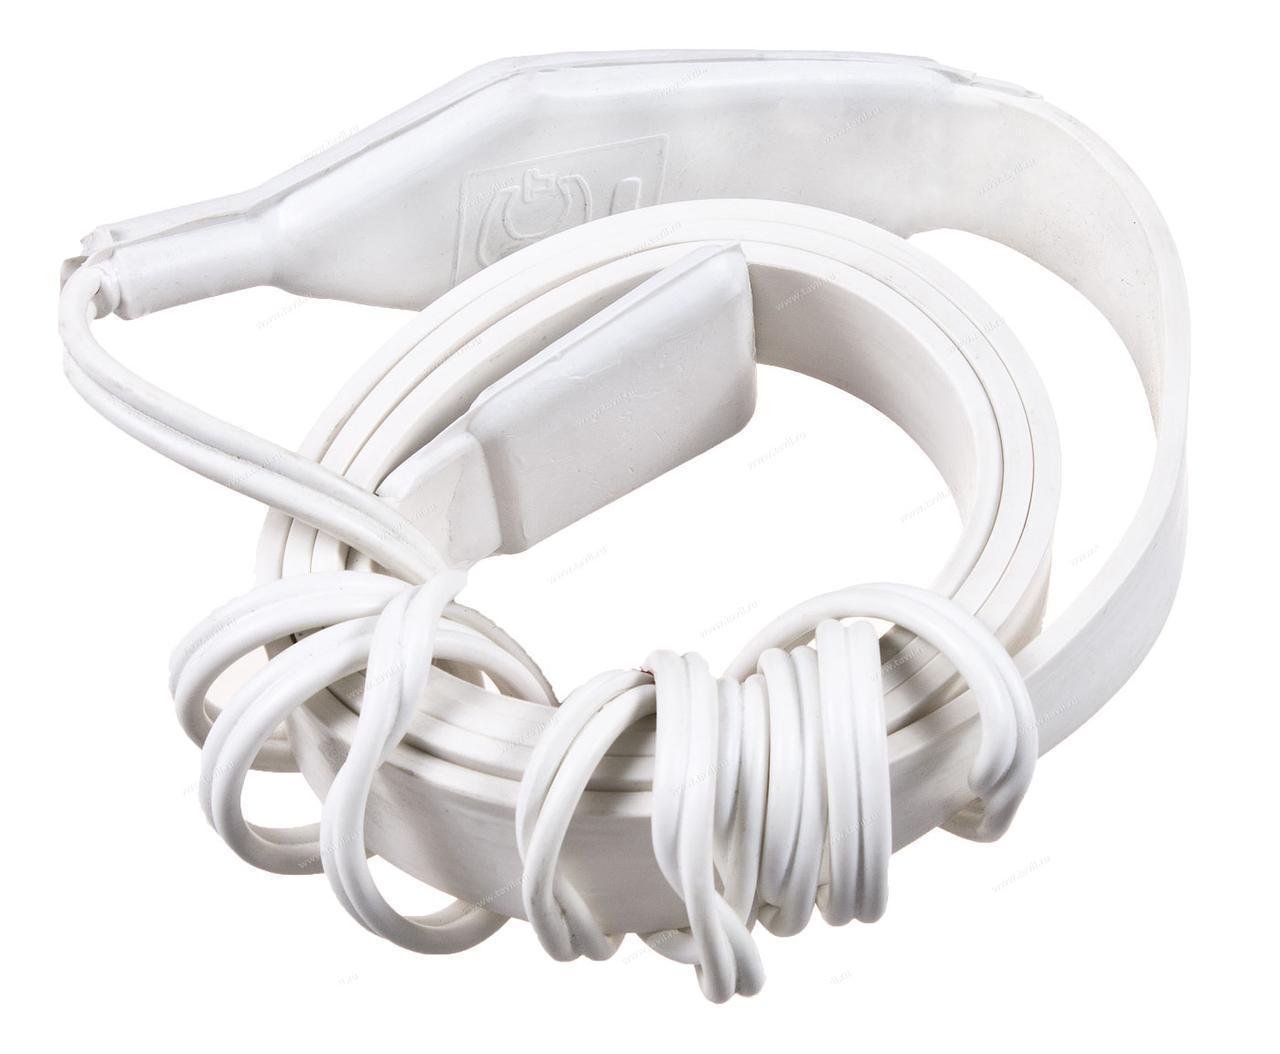 Нагреватель гибкий ленточный ЭНГЛ-1-0,03/24в -4,0м